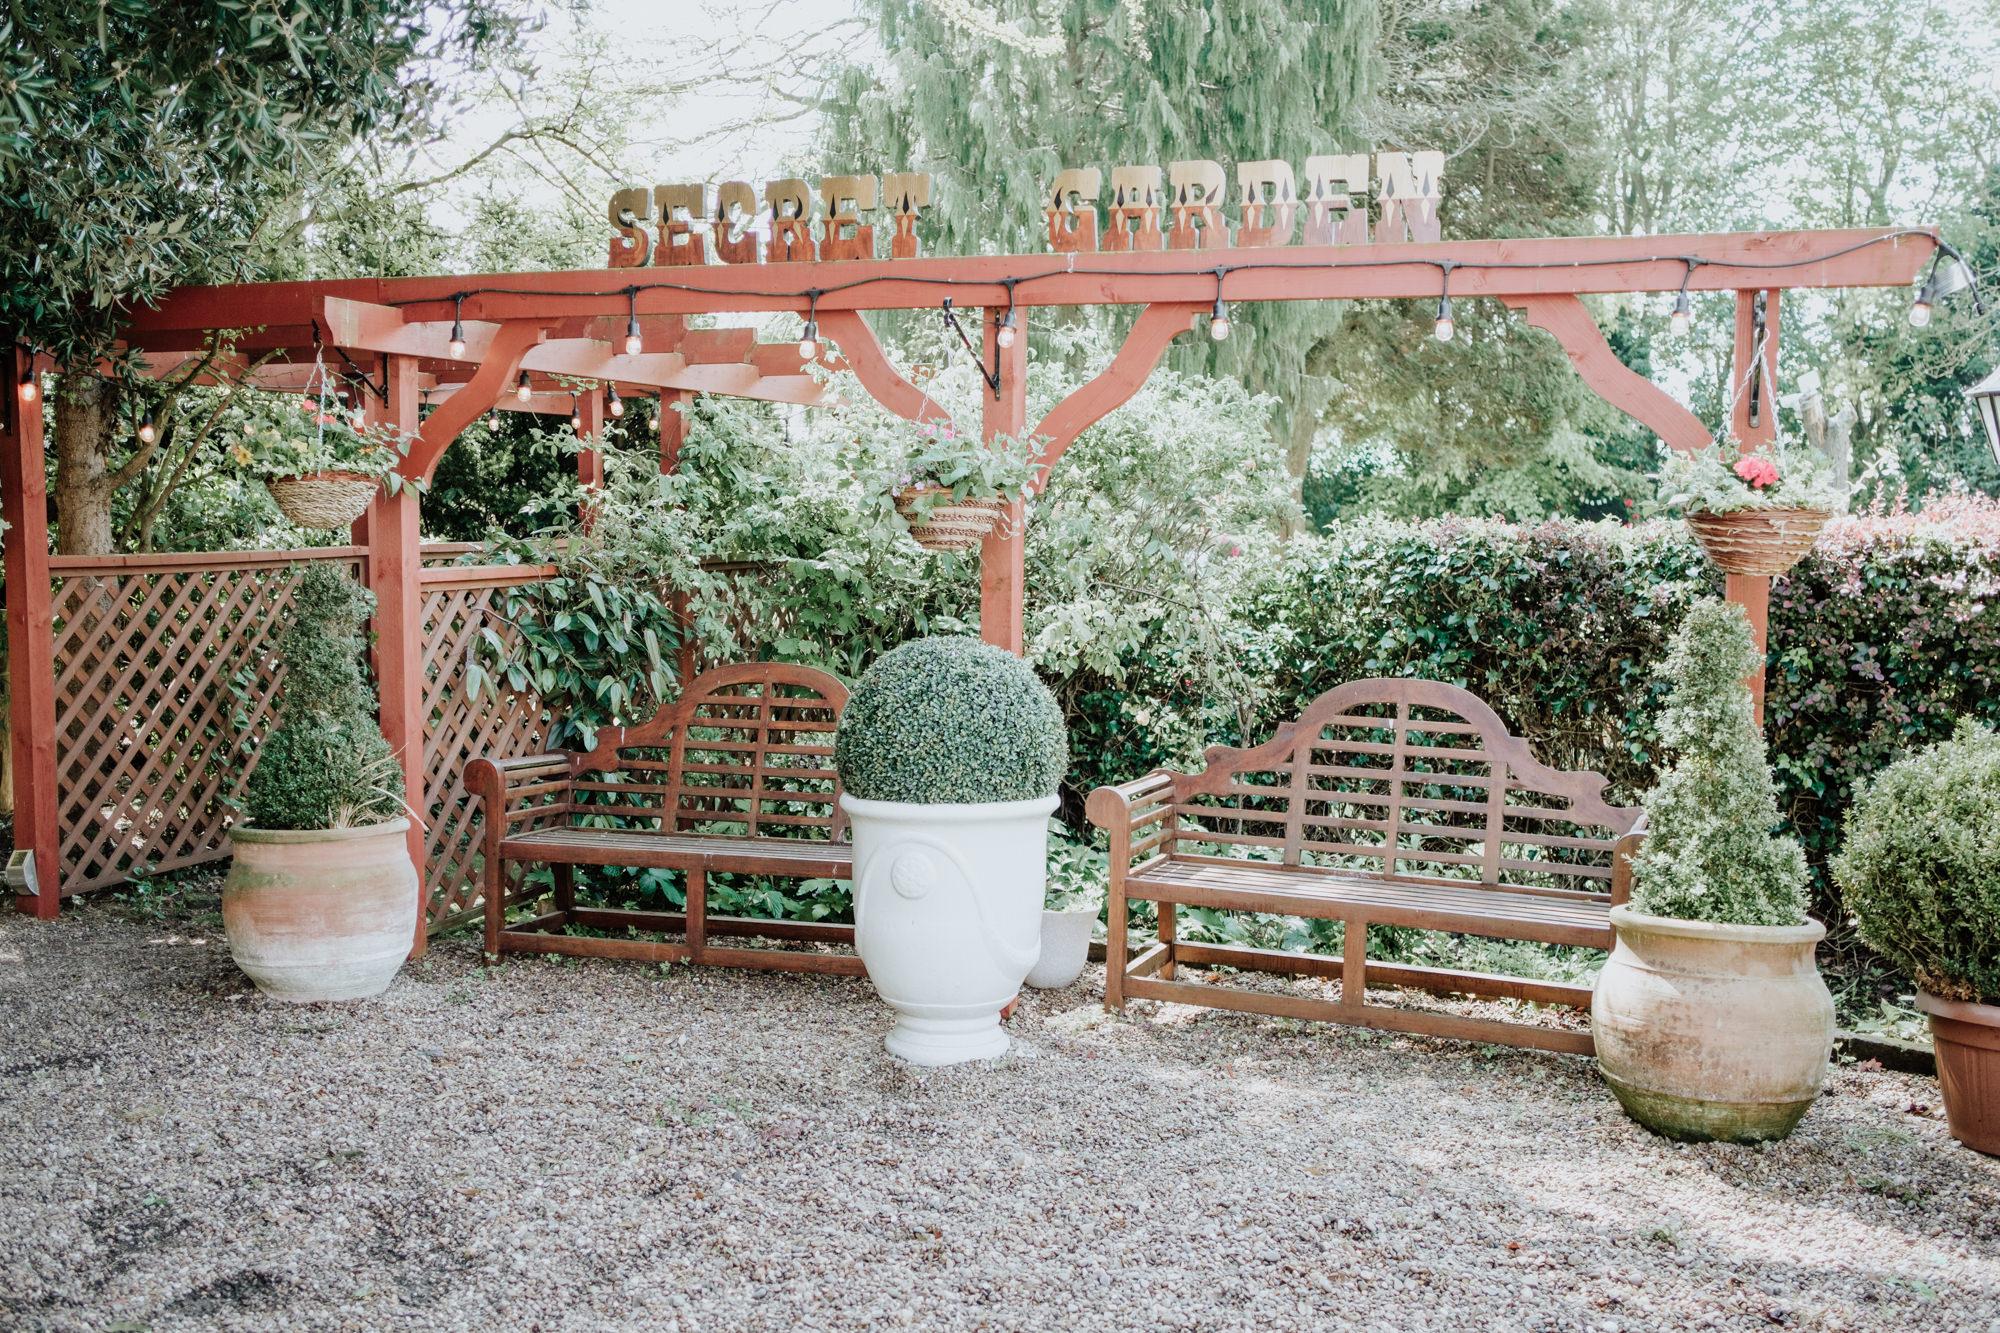 Secret garden gringley open day-51.jpg